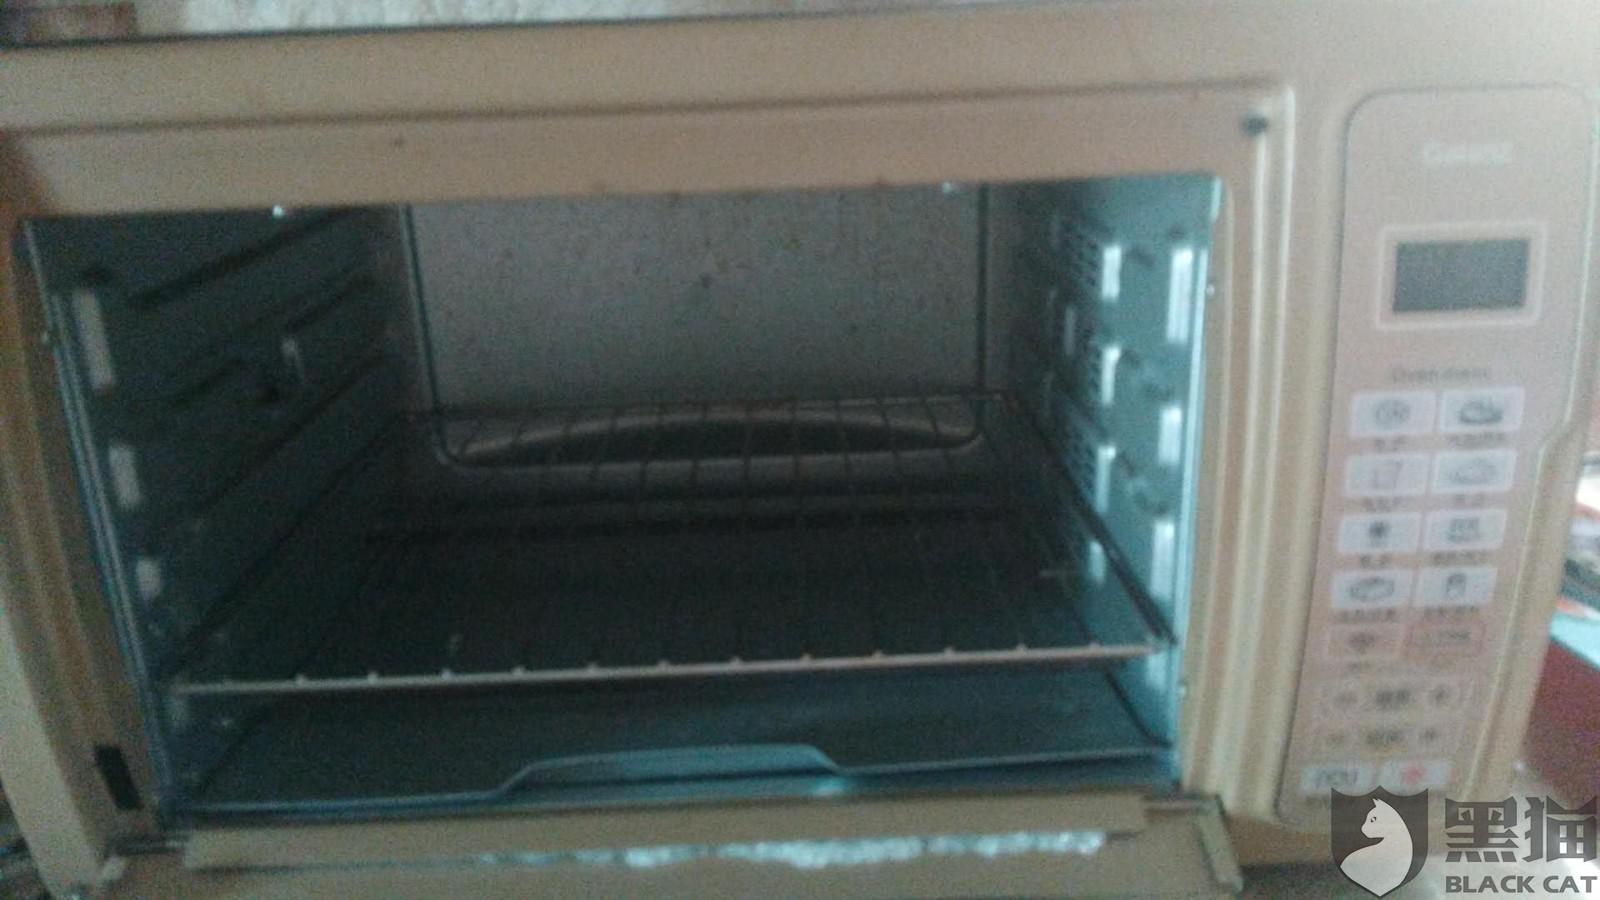 黑猫投诉:格兰仕电烤箱在烤制过程中玻璃门突然爆裂